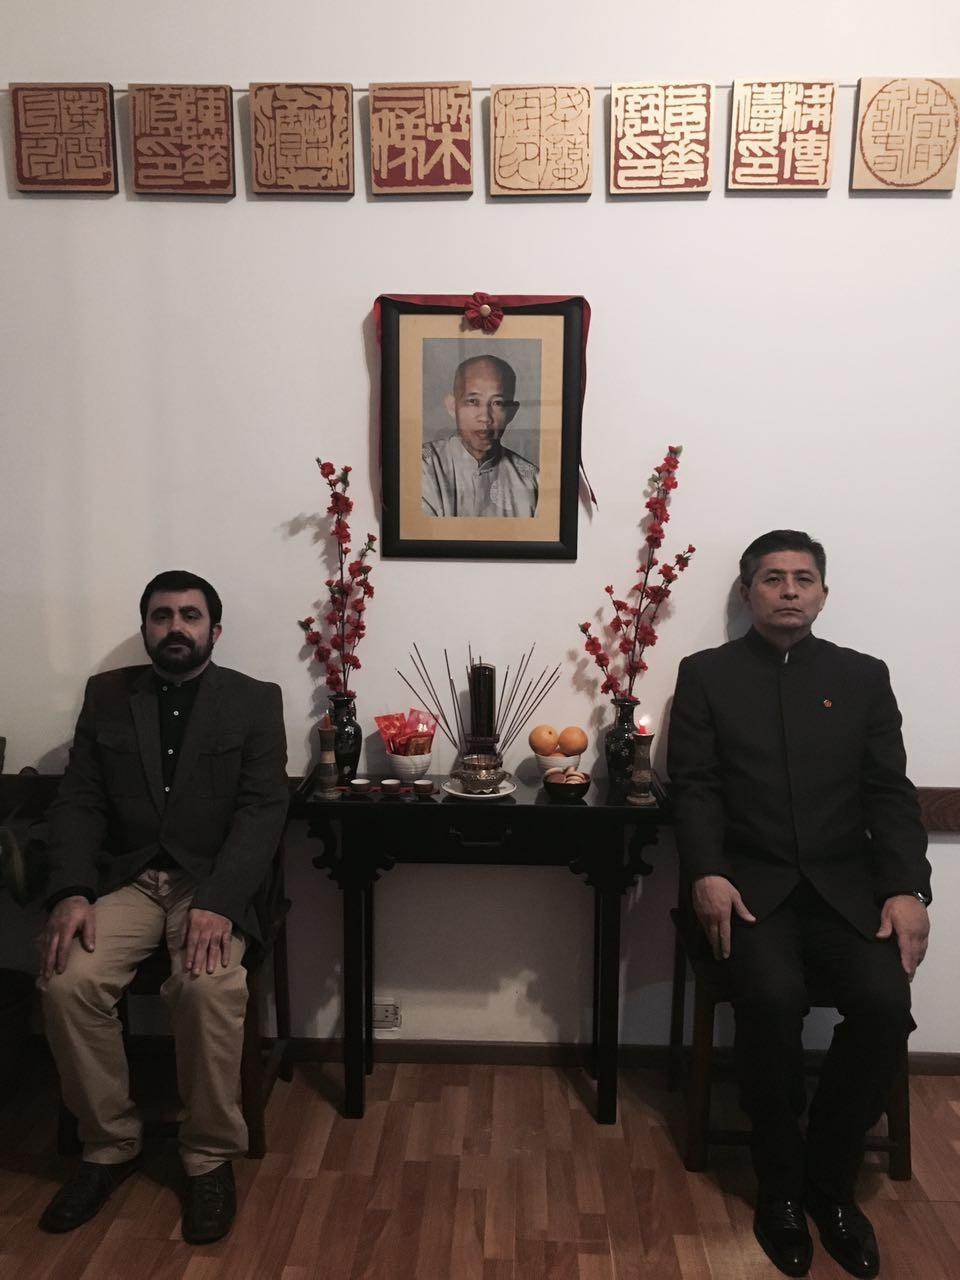 El Gran Maestro Leo Imamura y el Maestro Leandro Godoy junto al altar ancestral de Go Chai Kung Fu Studio - Núcleo de Moy Yat Ving Tsun Martial Intelligence